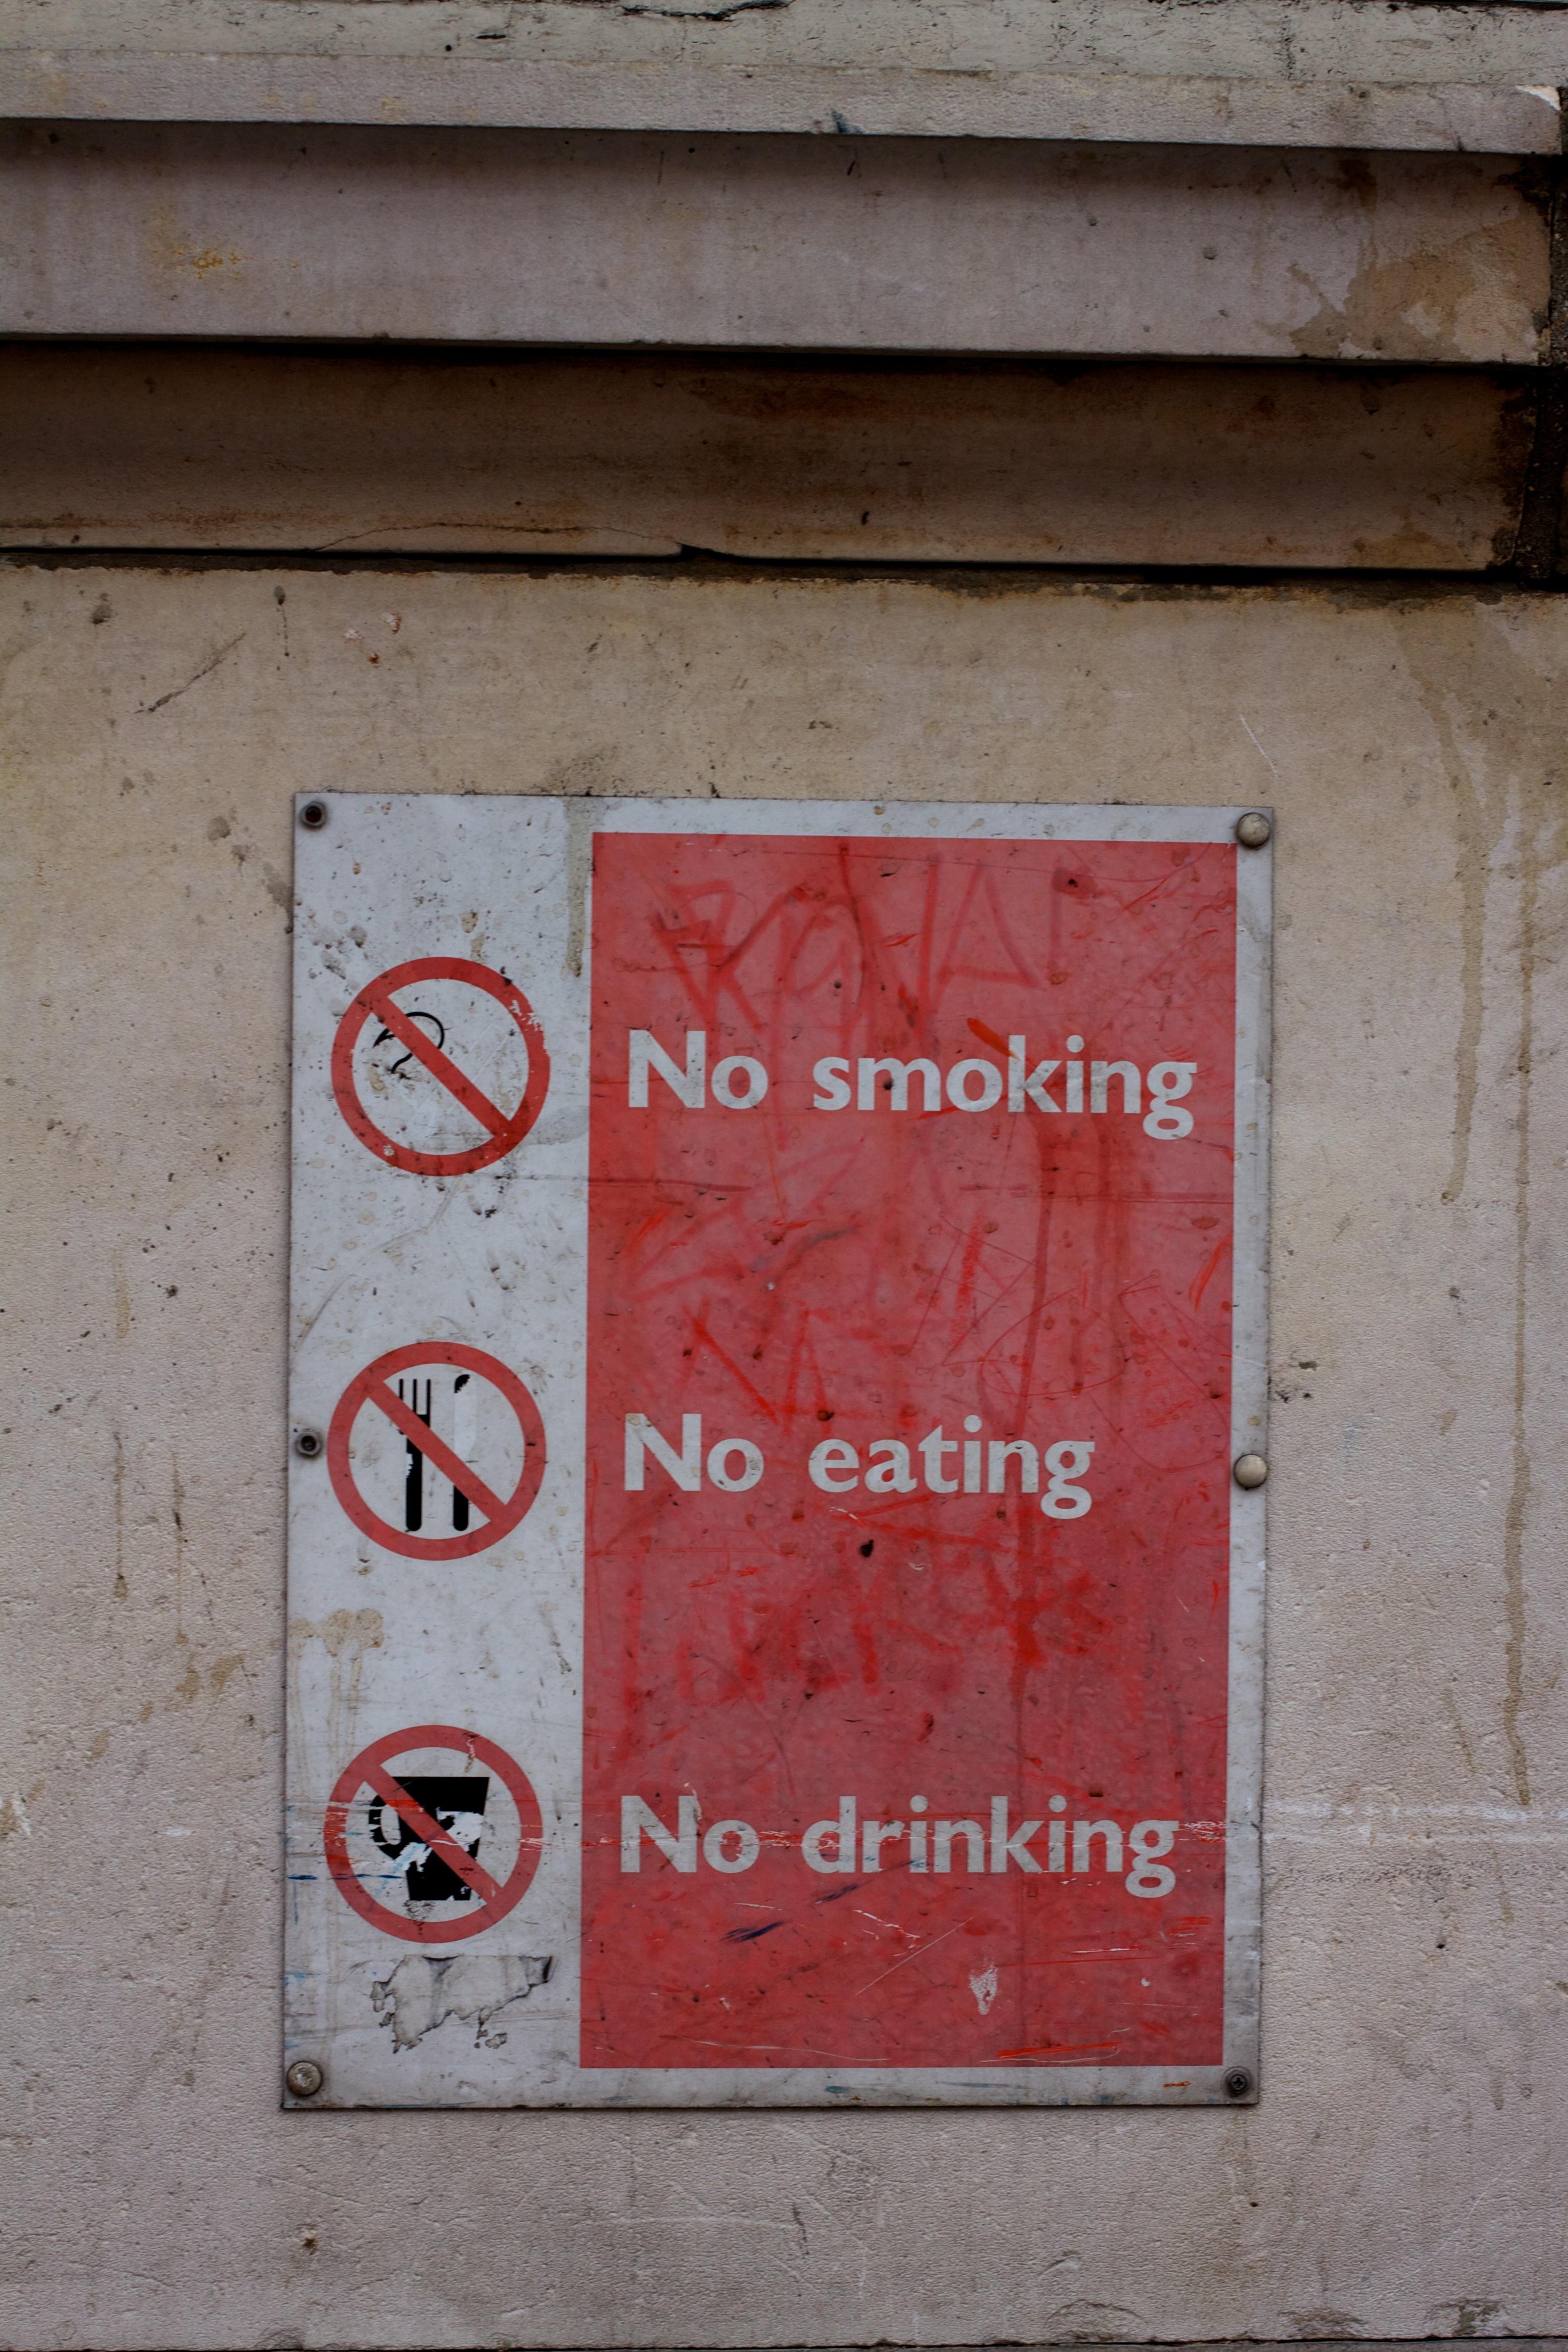 No smoking, no eating, no drinking sign